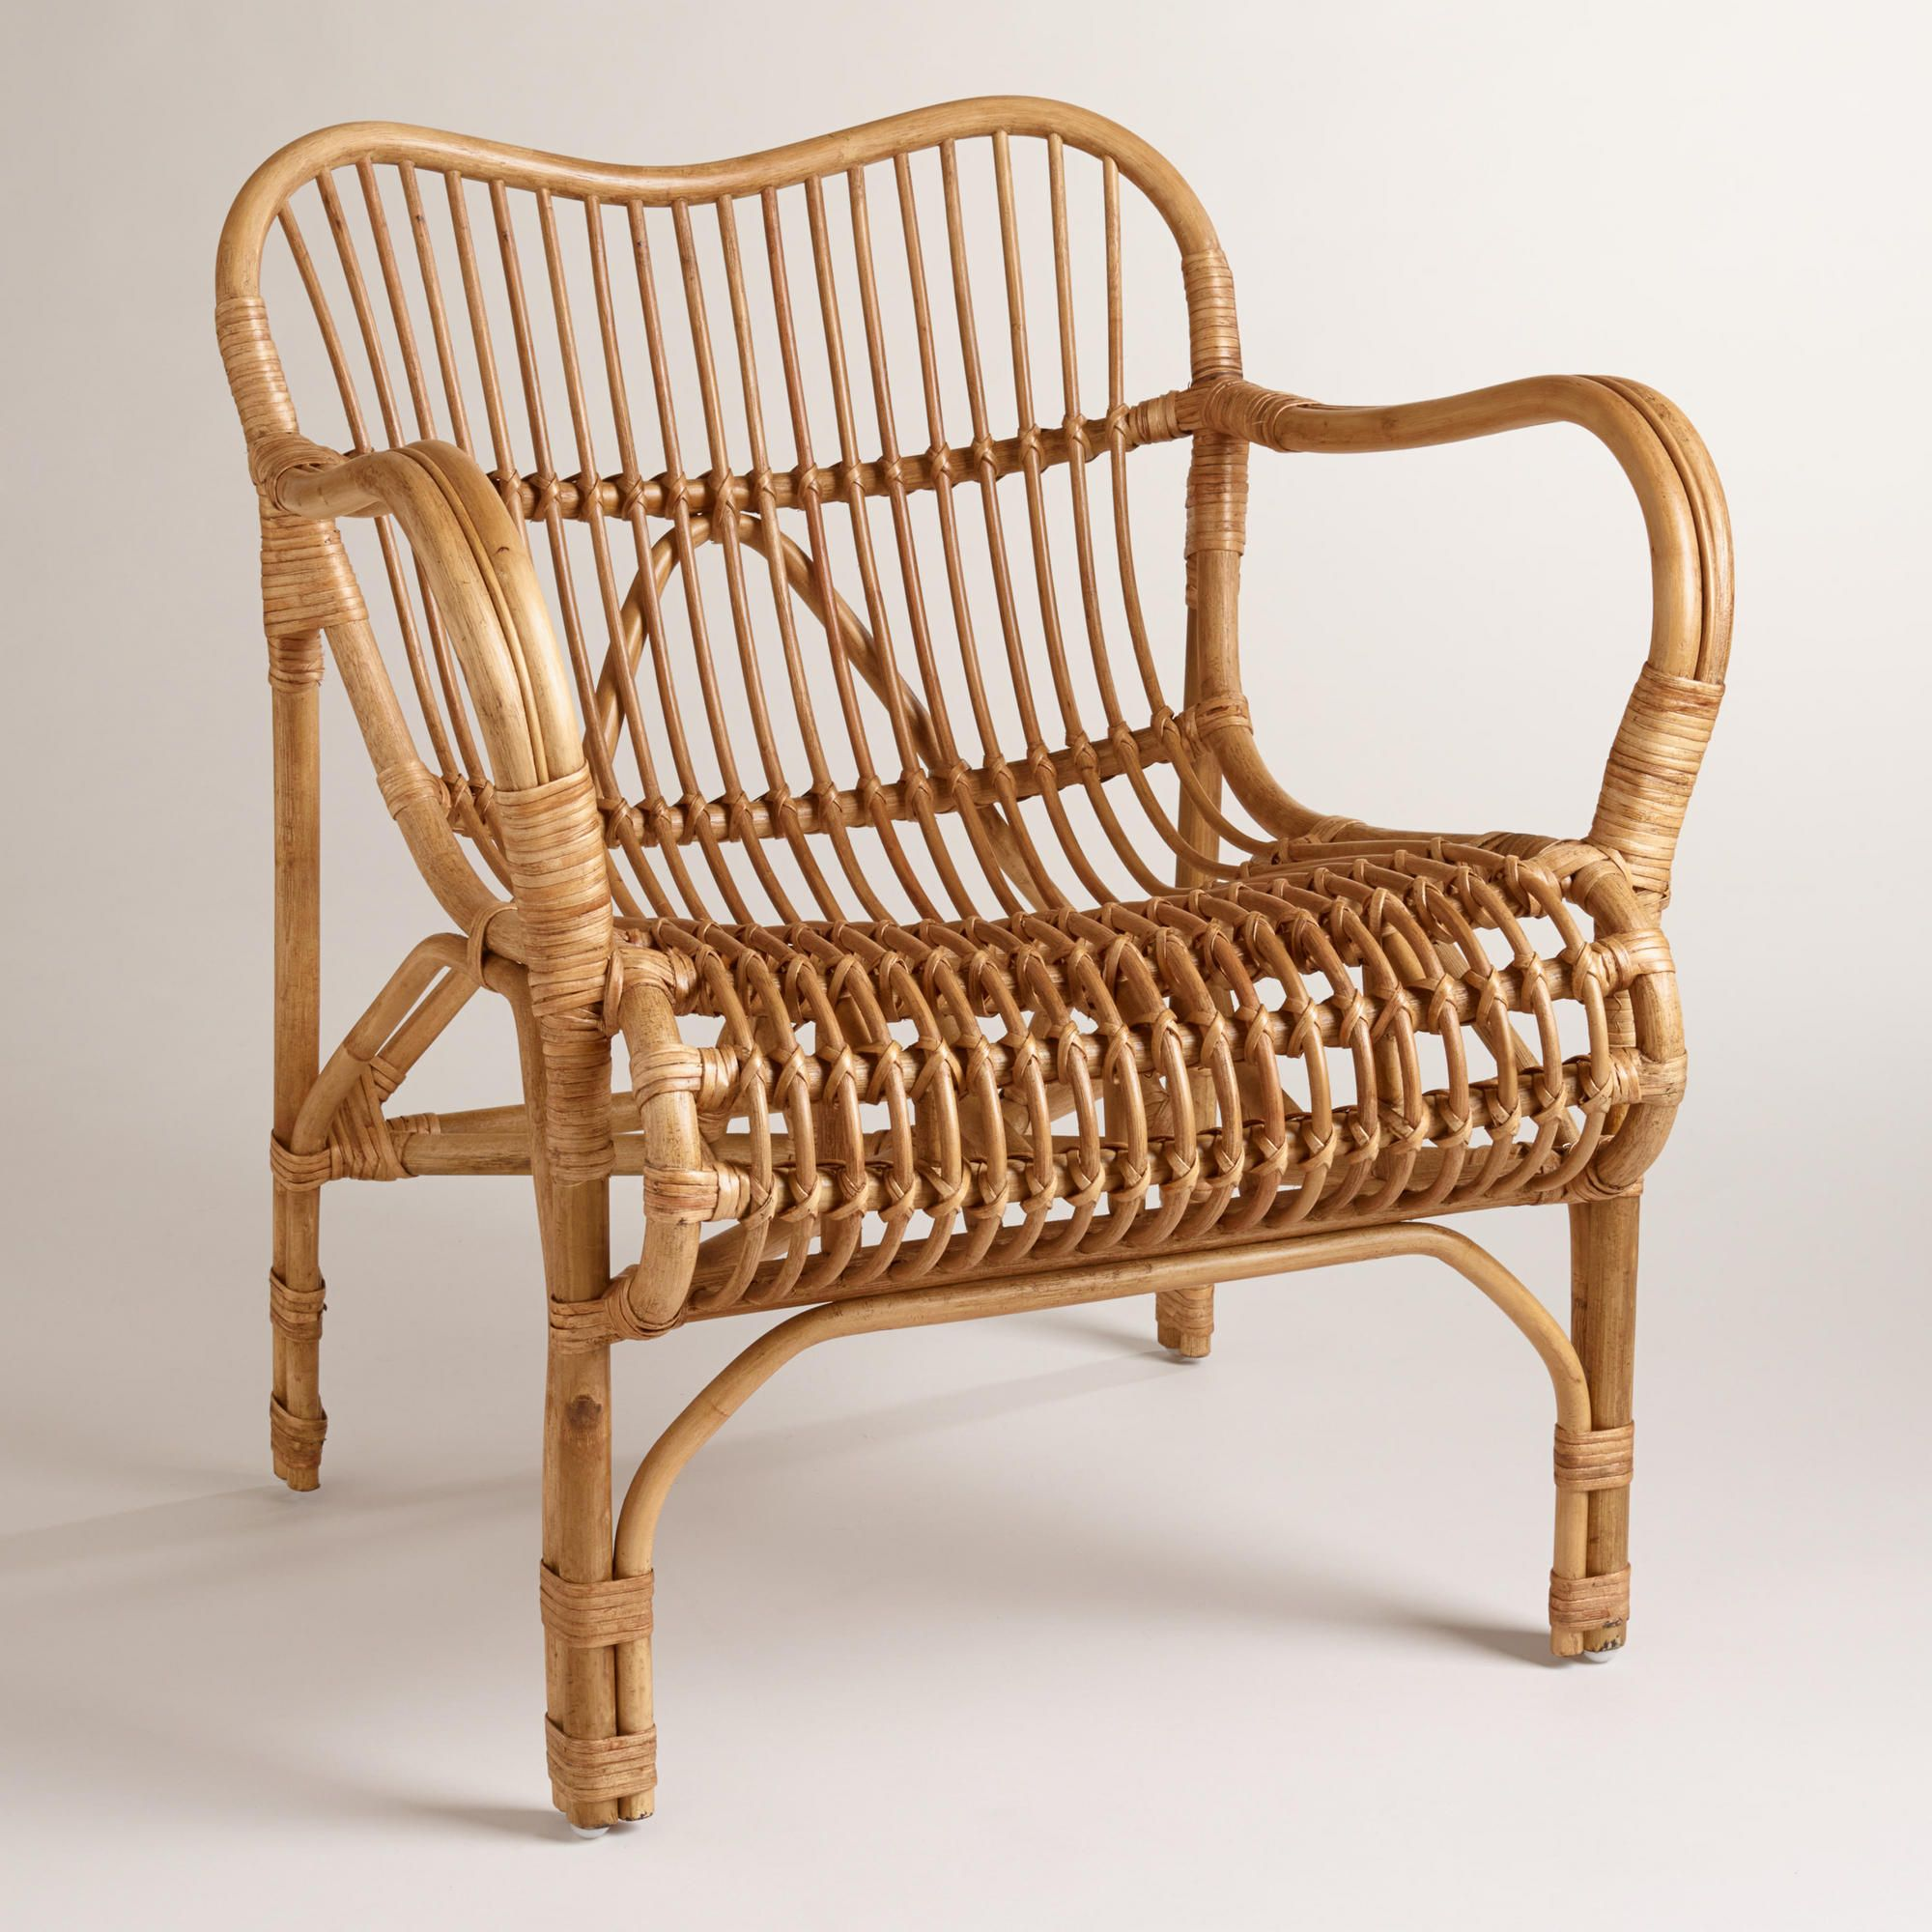 Bamboo Chairs For Sale Folding Outside Use Preferred Andat84  Advancedmassagebysara